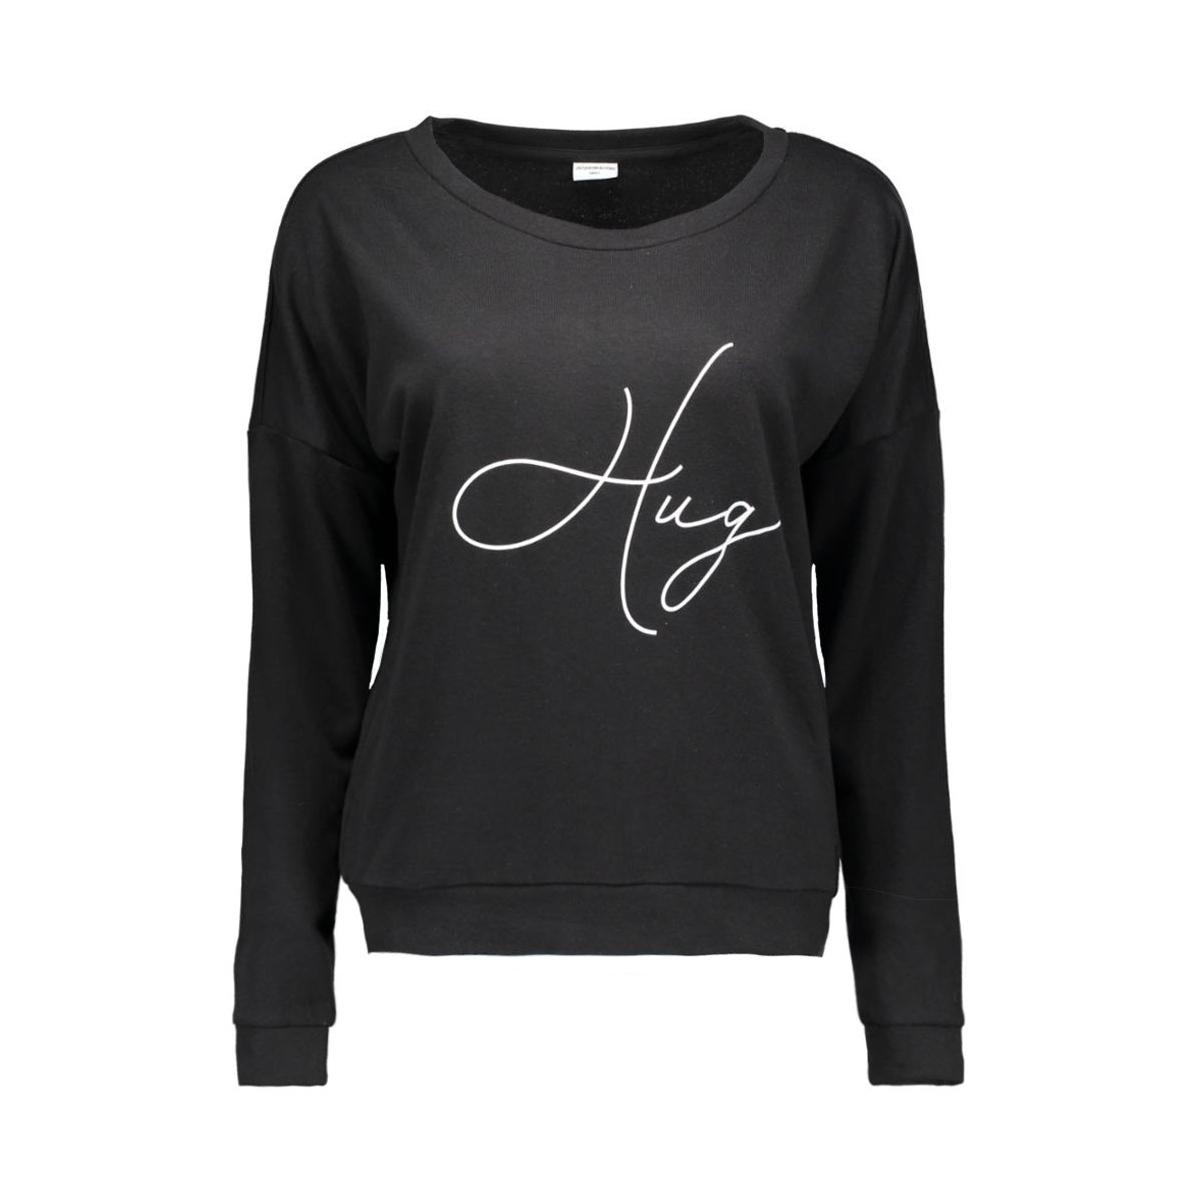 jdynewton l/s print sweat jrs 15120430 jacqueline de yong sweater black/hug